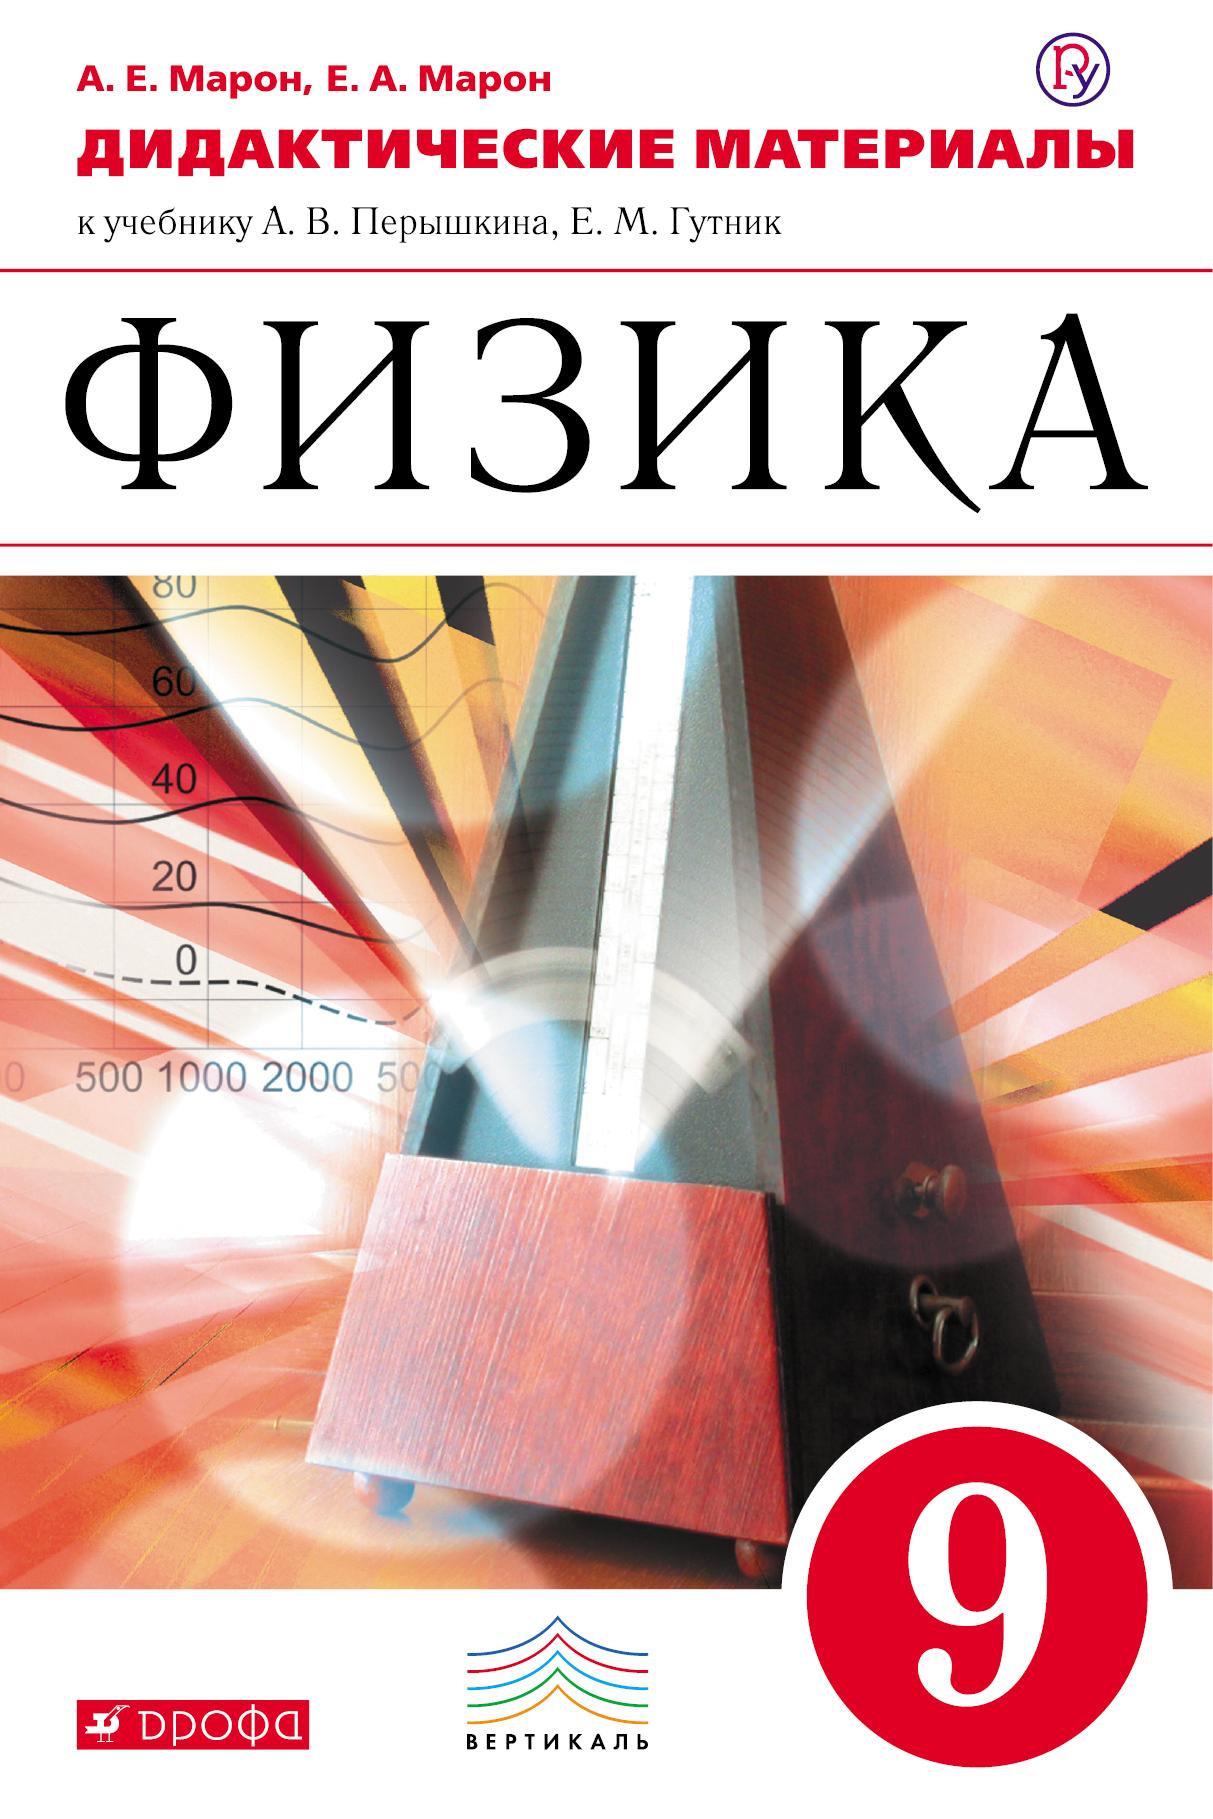 Марон А.Е., Марон Е.А. Физика. 9 класс. Дидактические материалы физика 9 класс